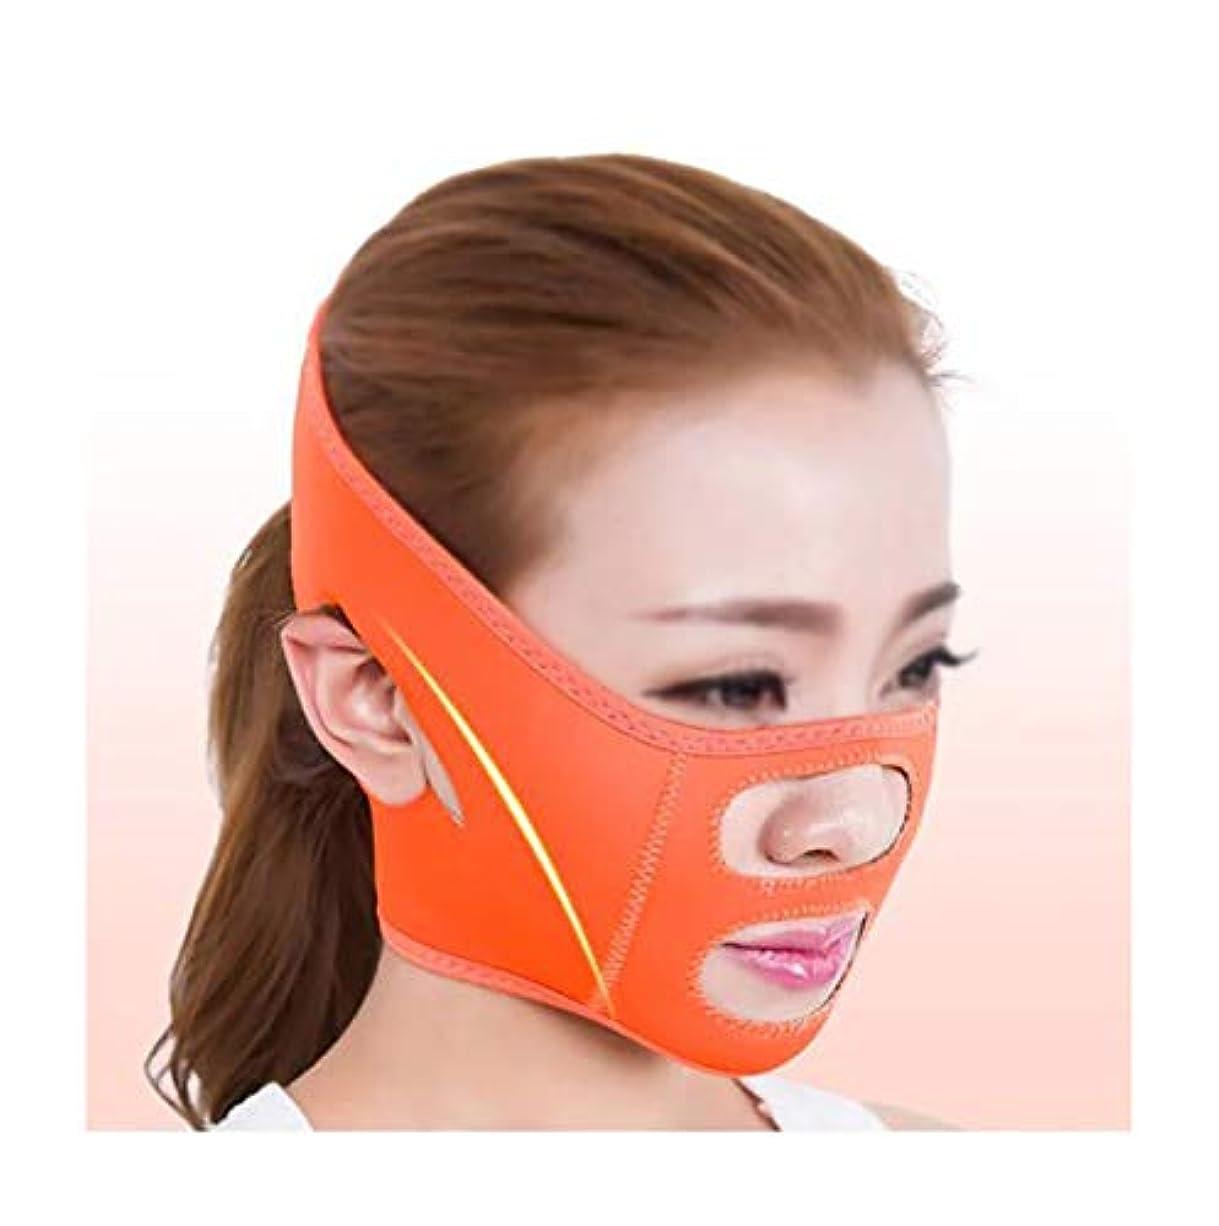 日光の配列落ち着いてXHLMRMJ 引き締めフェイスマスク、術後リフティングマスクホーム包帯揺れネットワーク赤女性vフェイスステッカーストラップ楽器フェイスアーティファクト (Color : Orange)